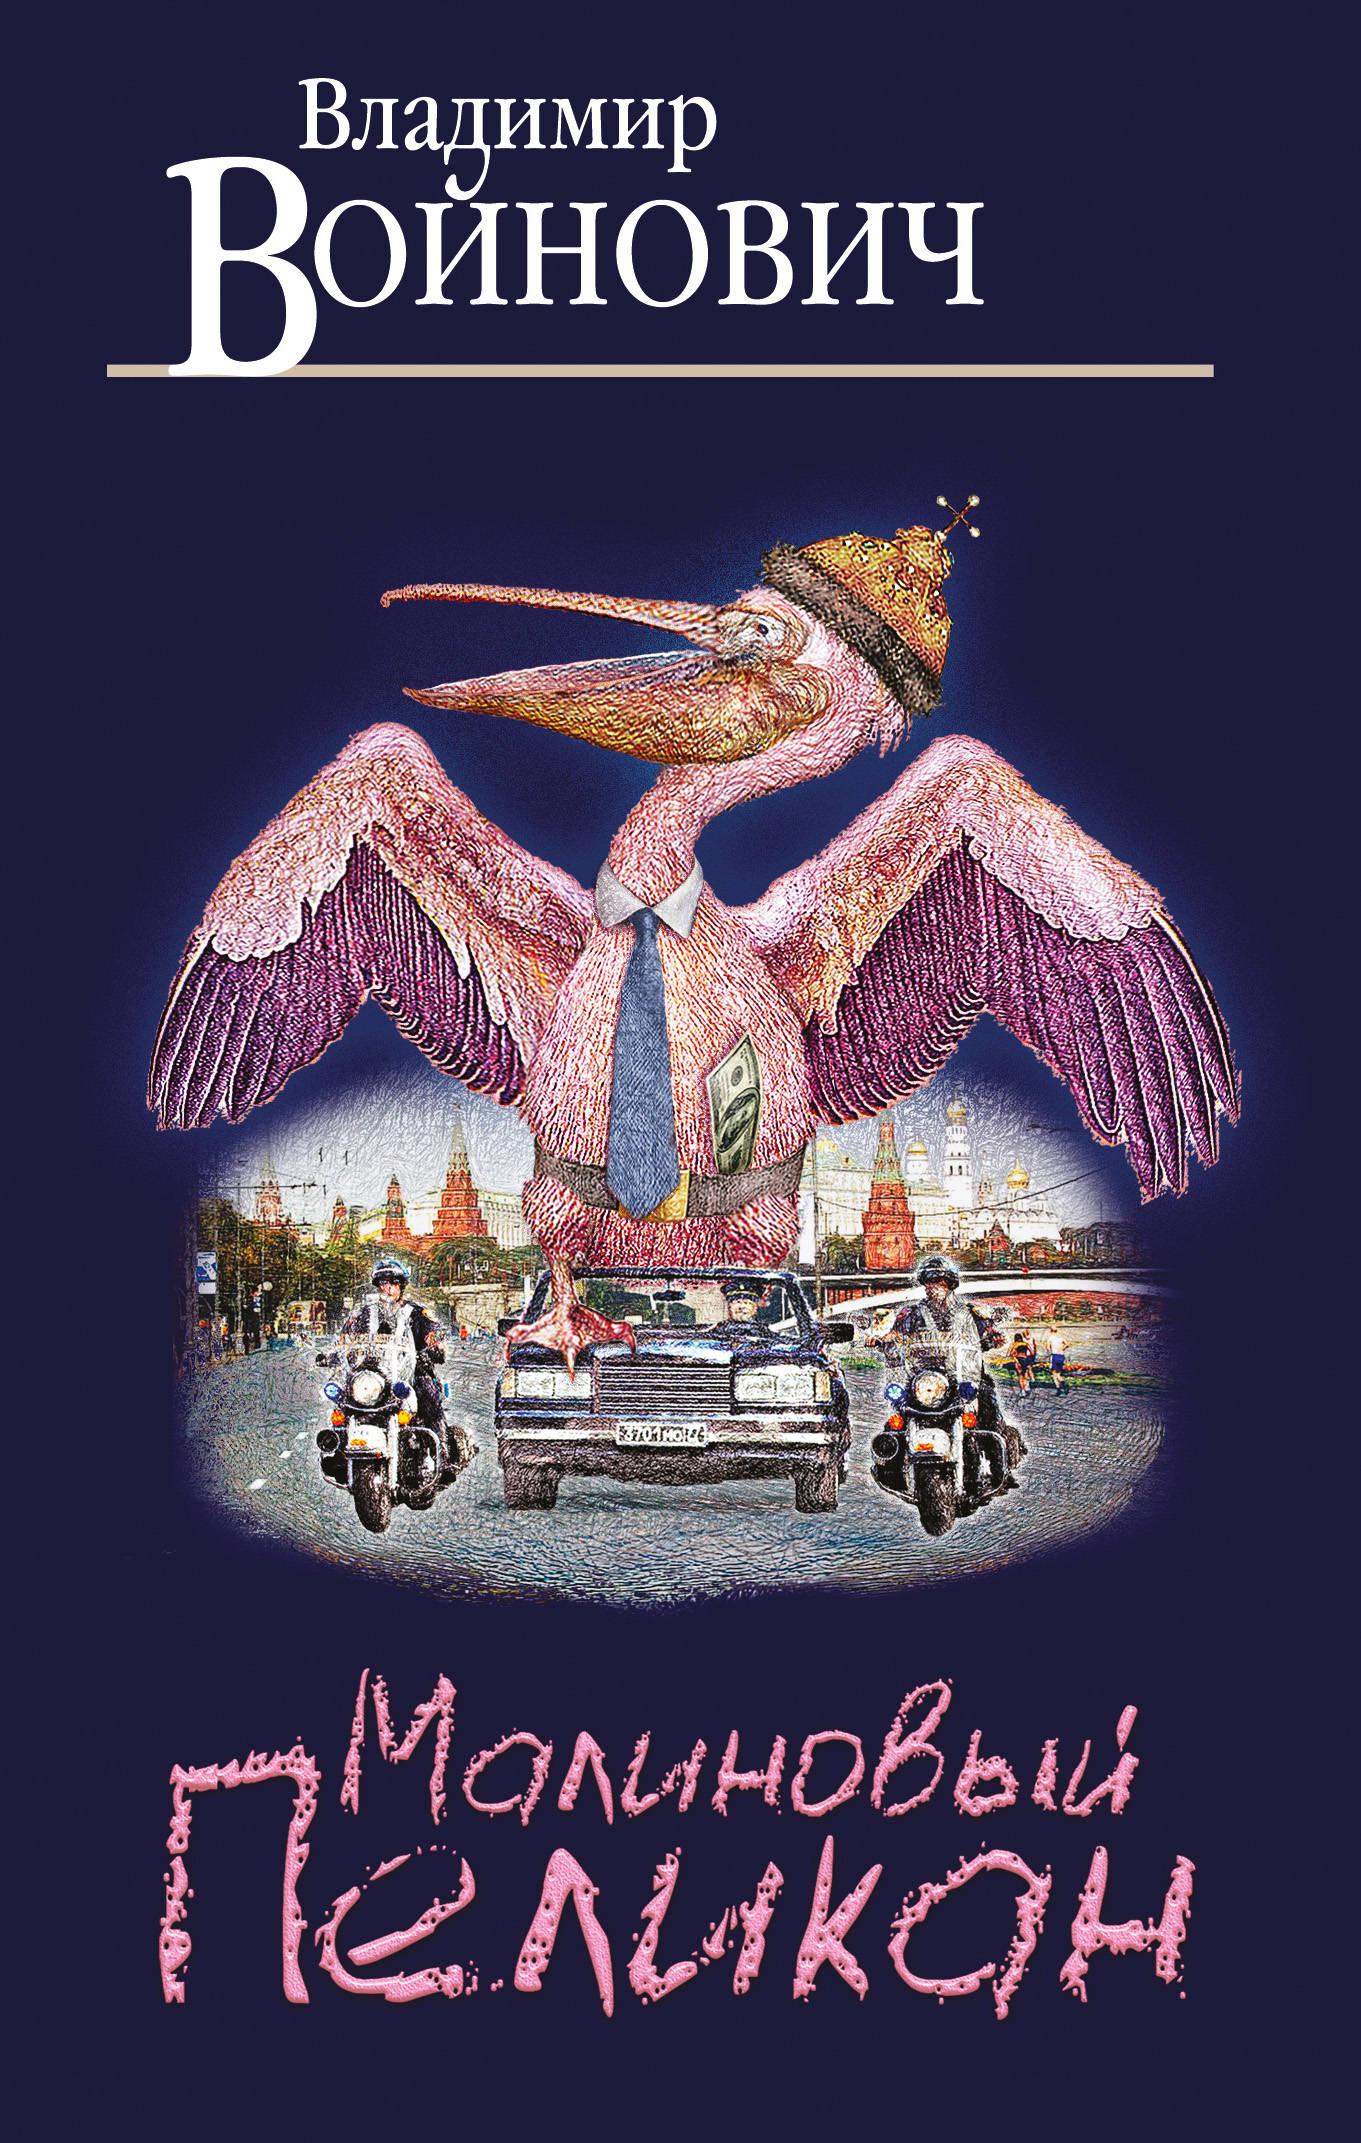 Владимир Войнович Малиновый пеликан